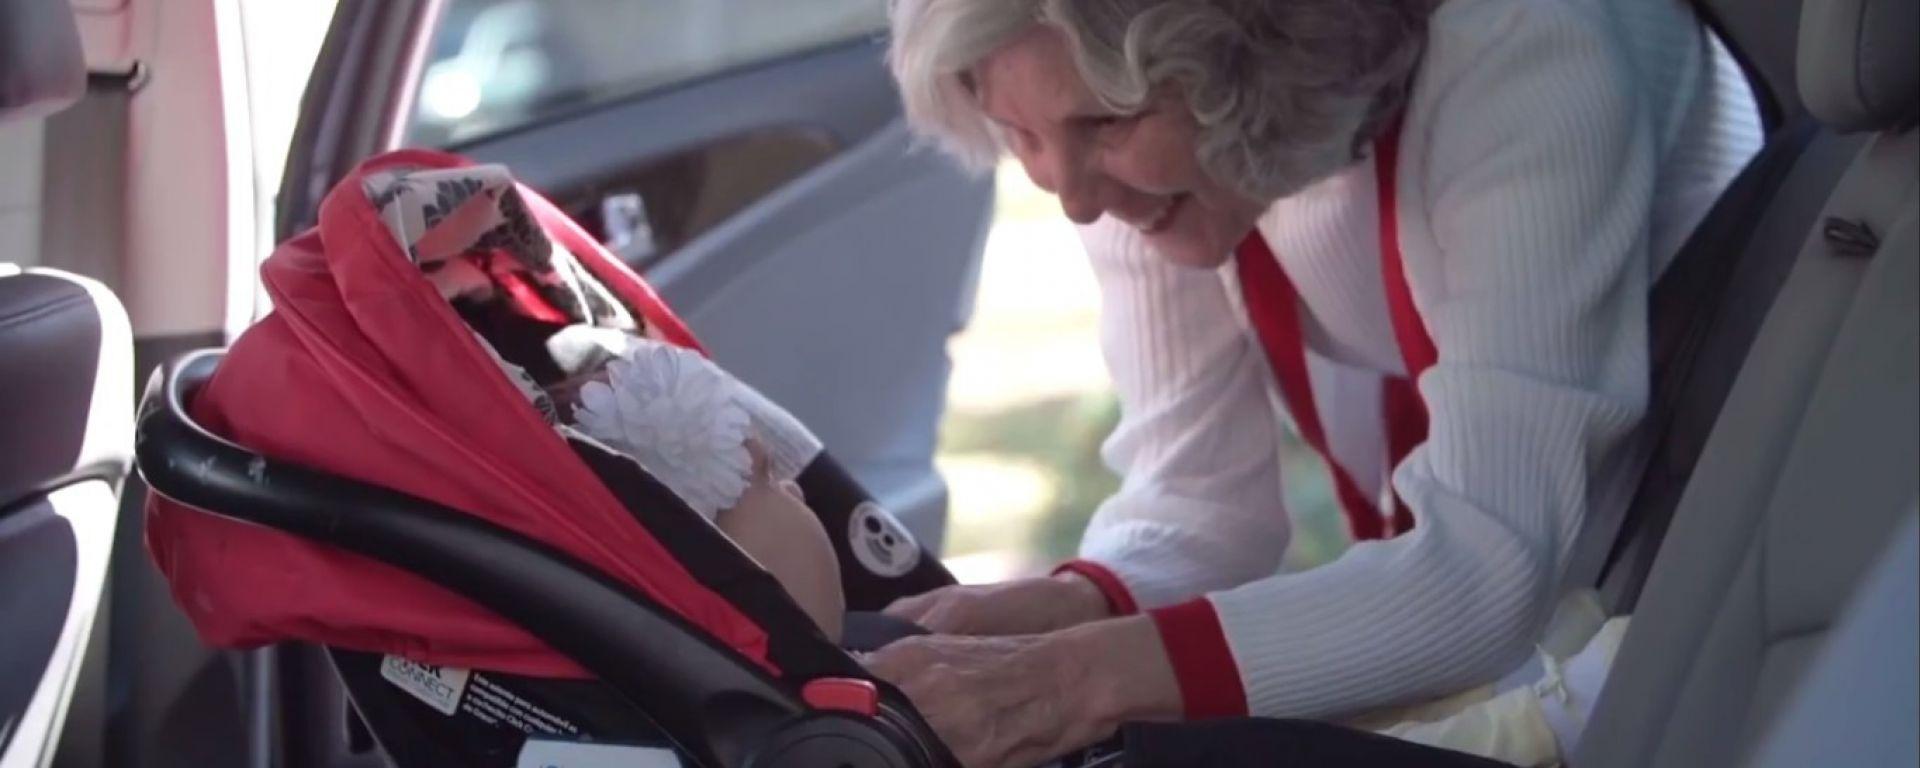 Sense-A-Life: il dispositivo per la sicurezza dei più piccoli